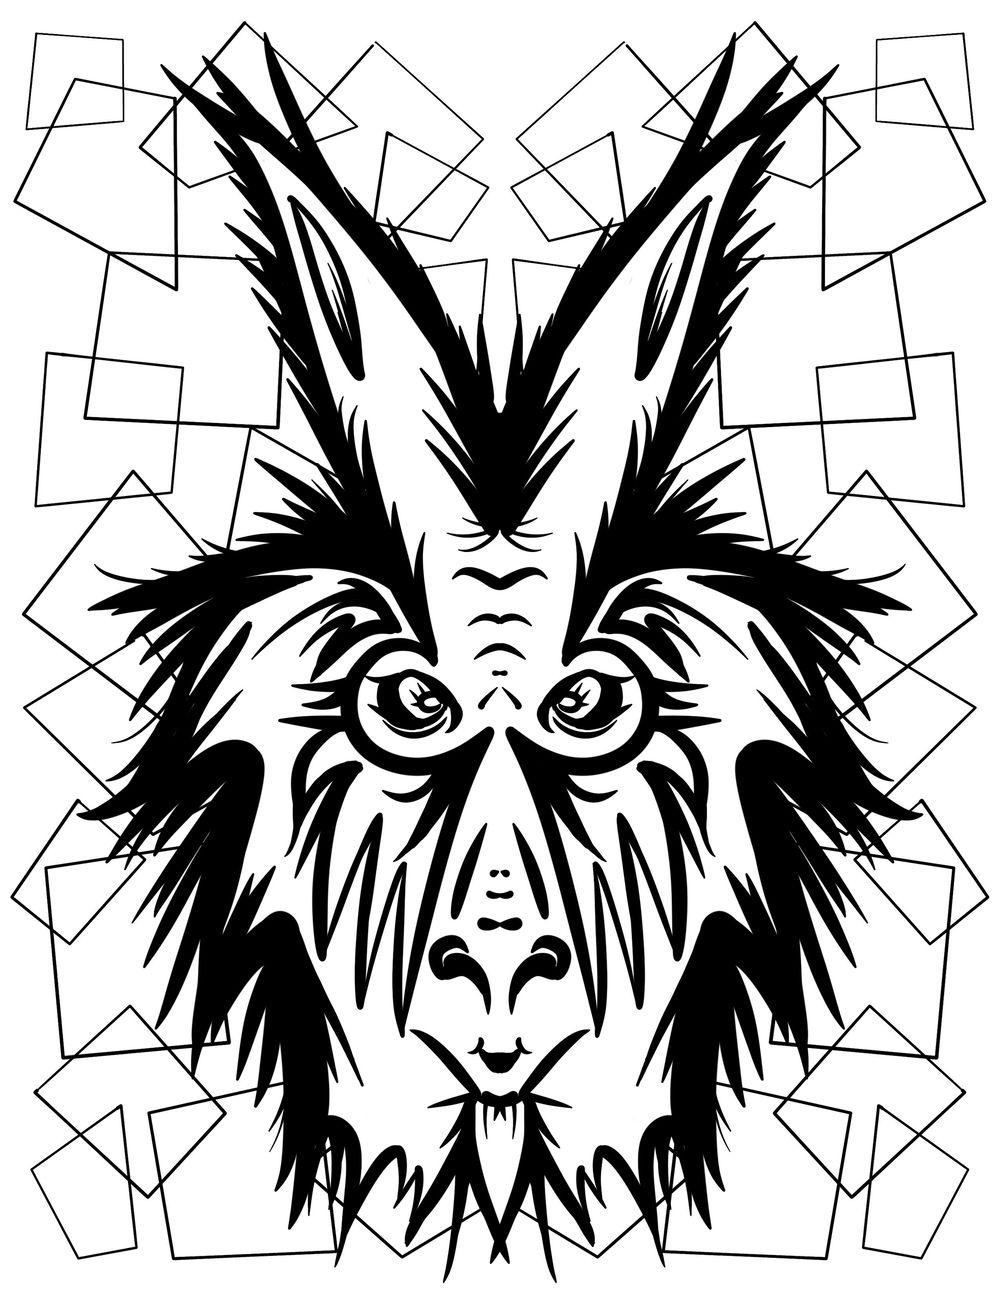 Sketchbook - image 6 - student project